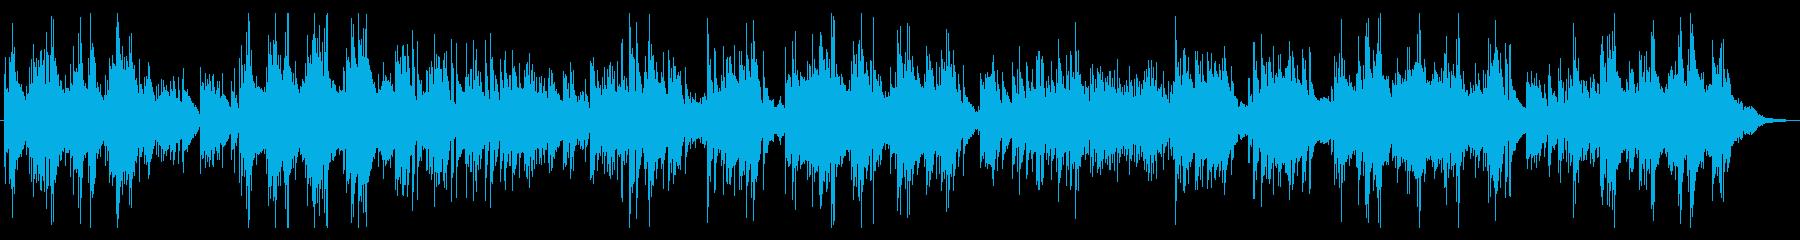 静かな子守歌のようなアコギ曲の再生済みの波形